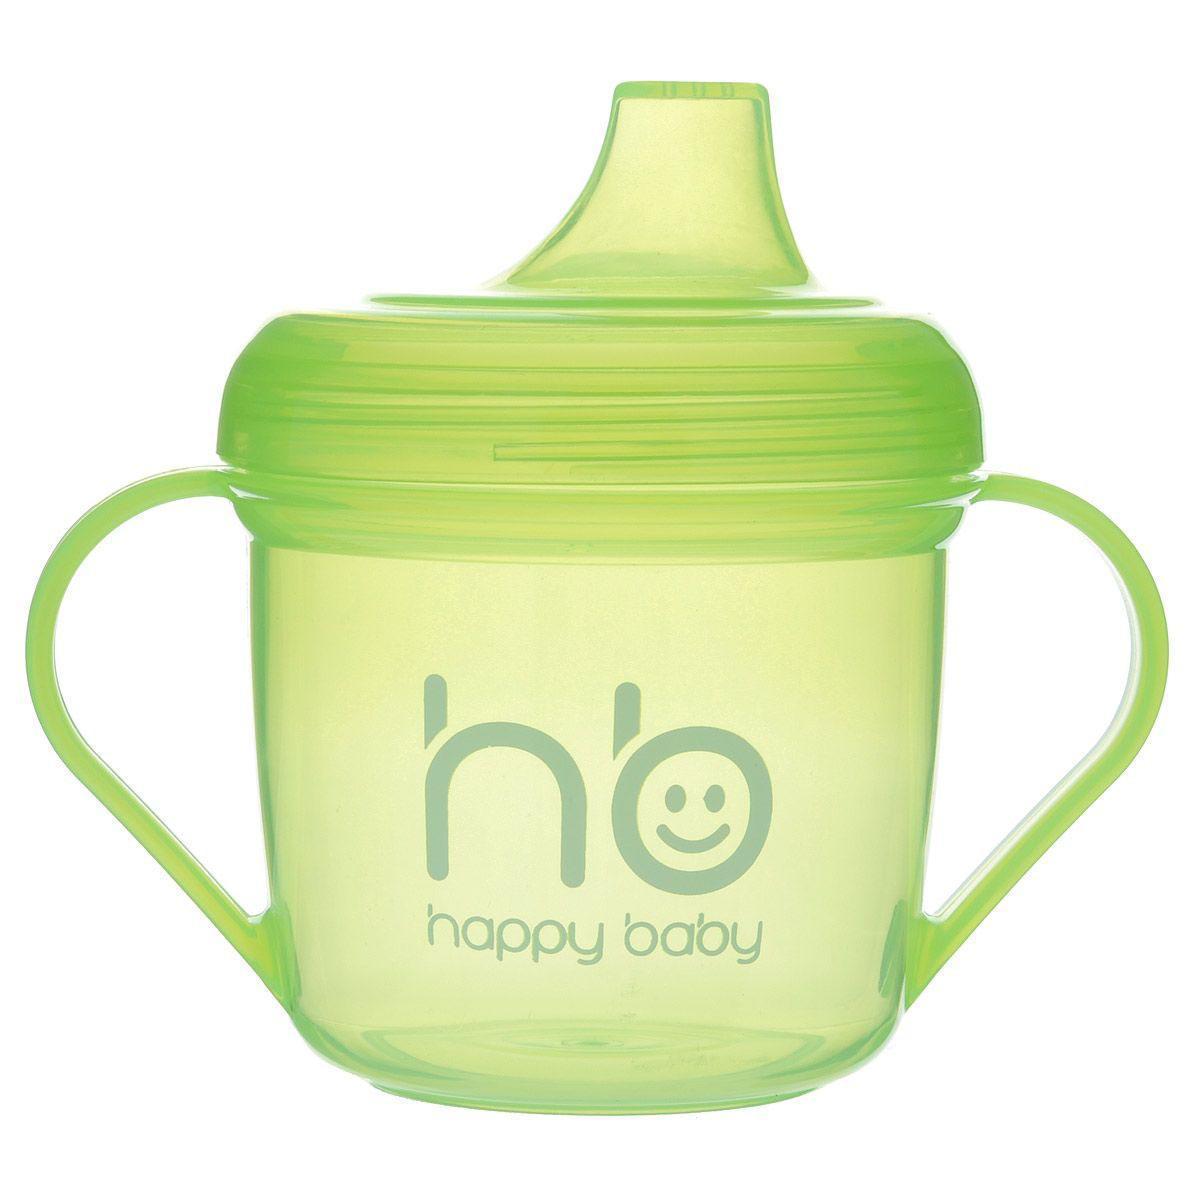 Поильник Happy Baby, от 6 месяцев, цвет: салатовый, 170 мл